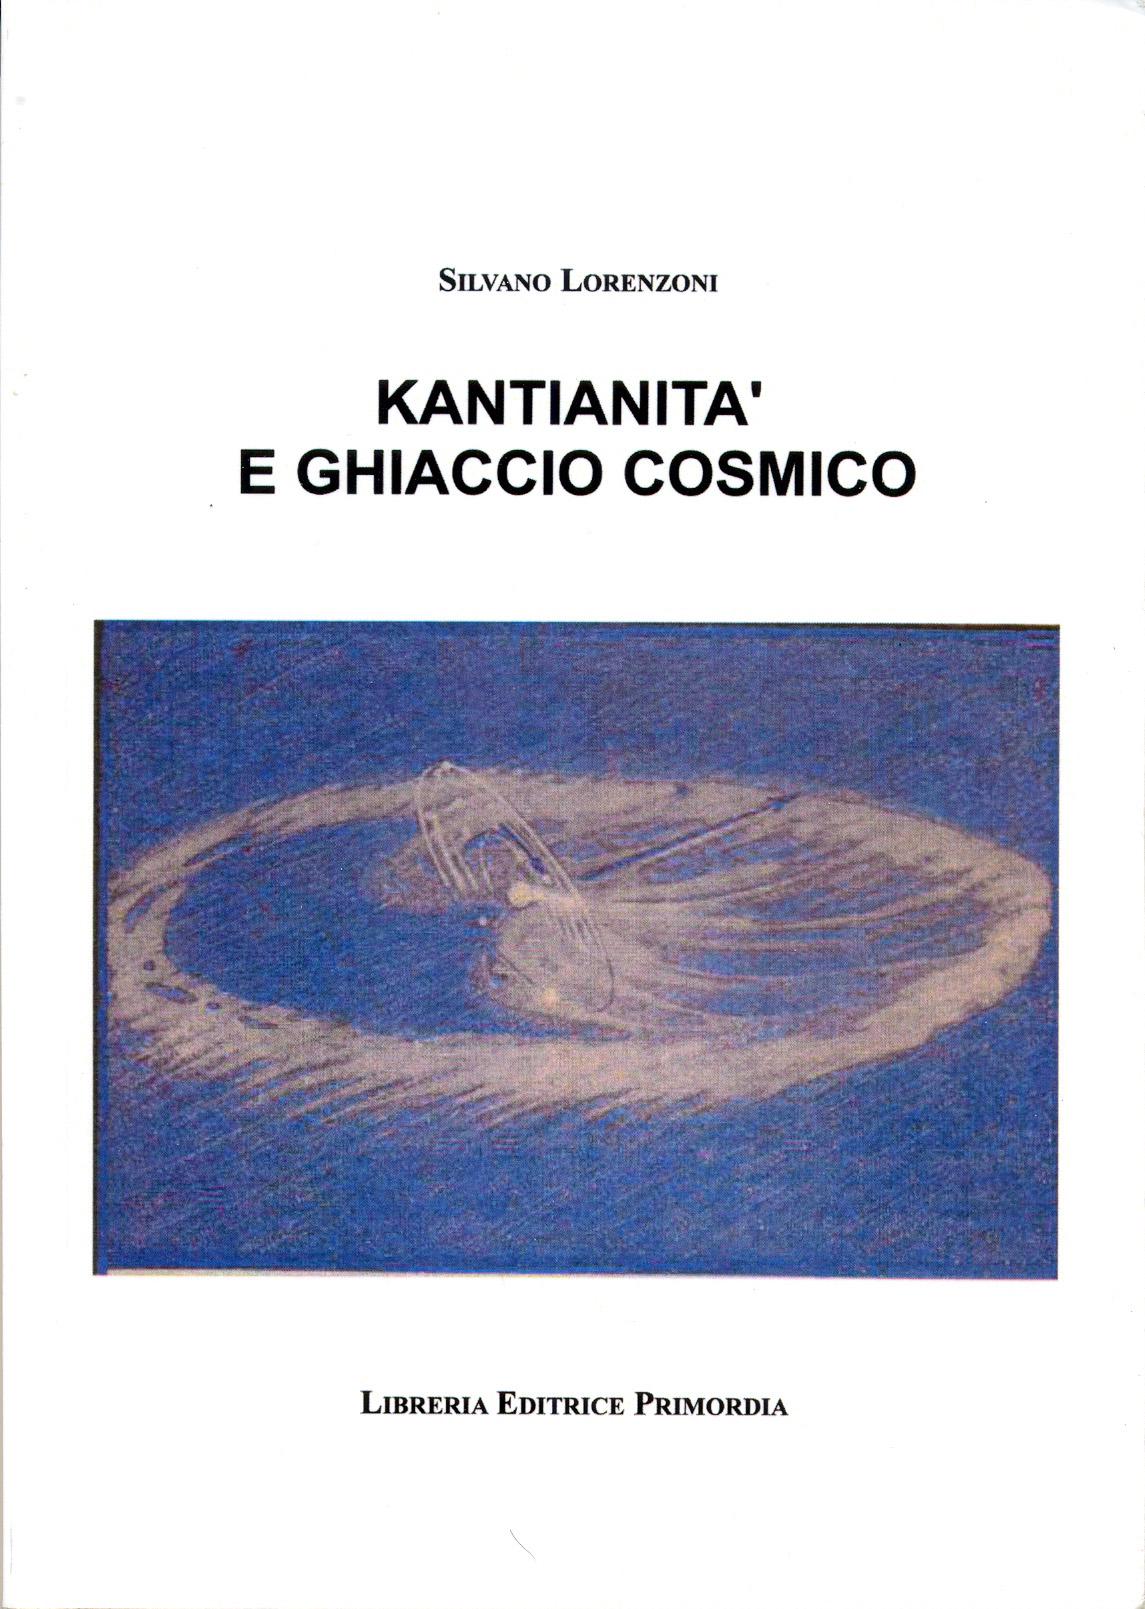 Kantianità e ghiaccio cosmico – Recensione di Fabio Calabrese (prima parte)